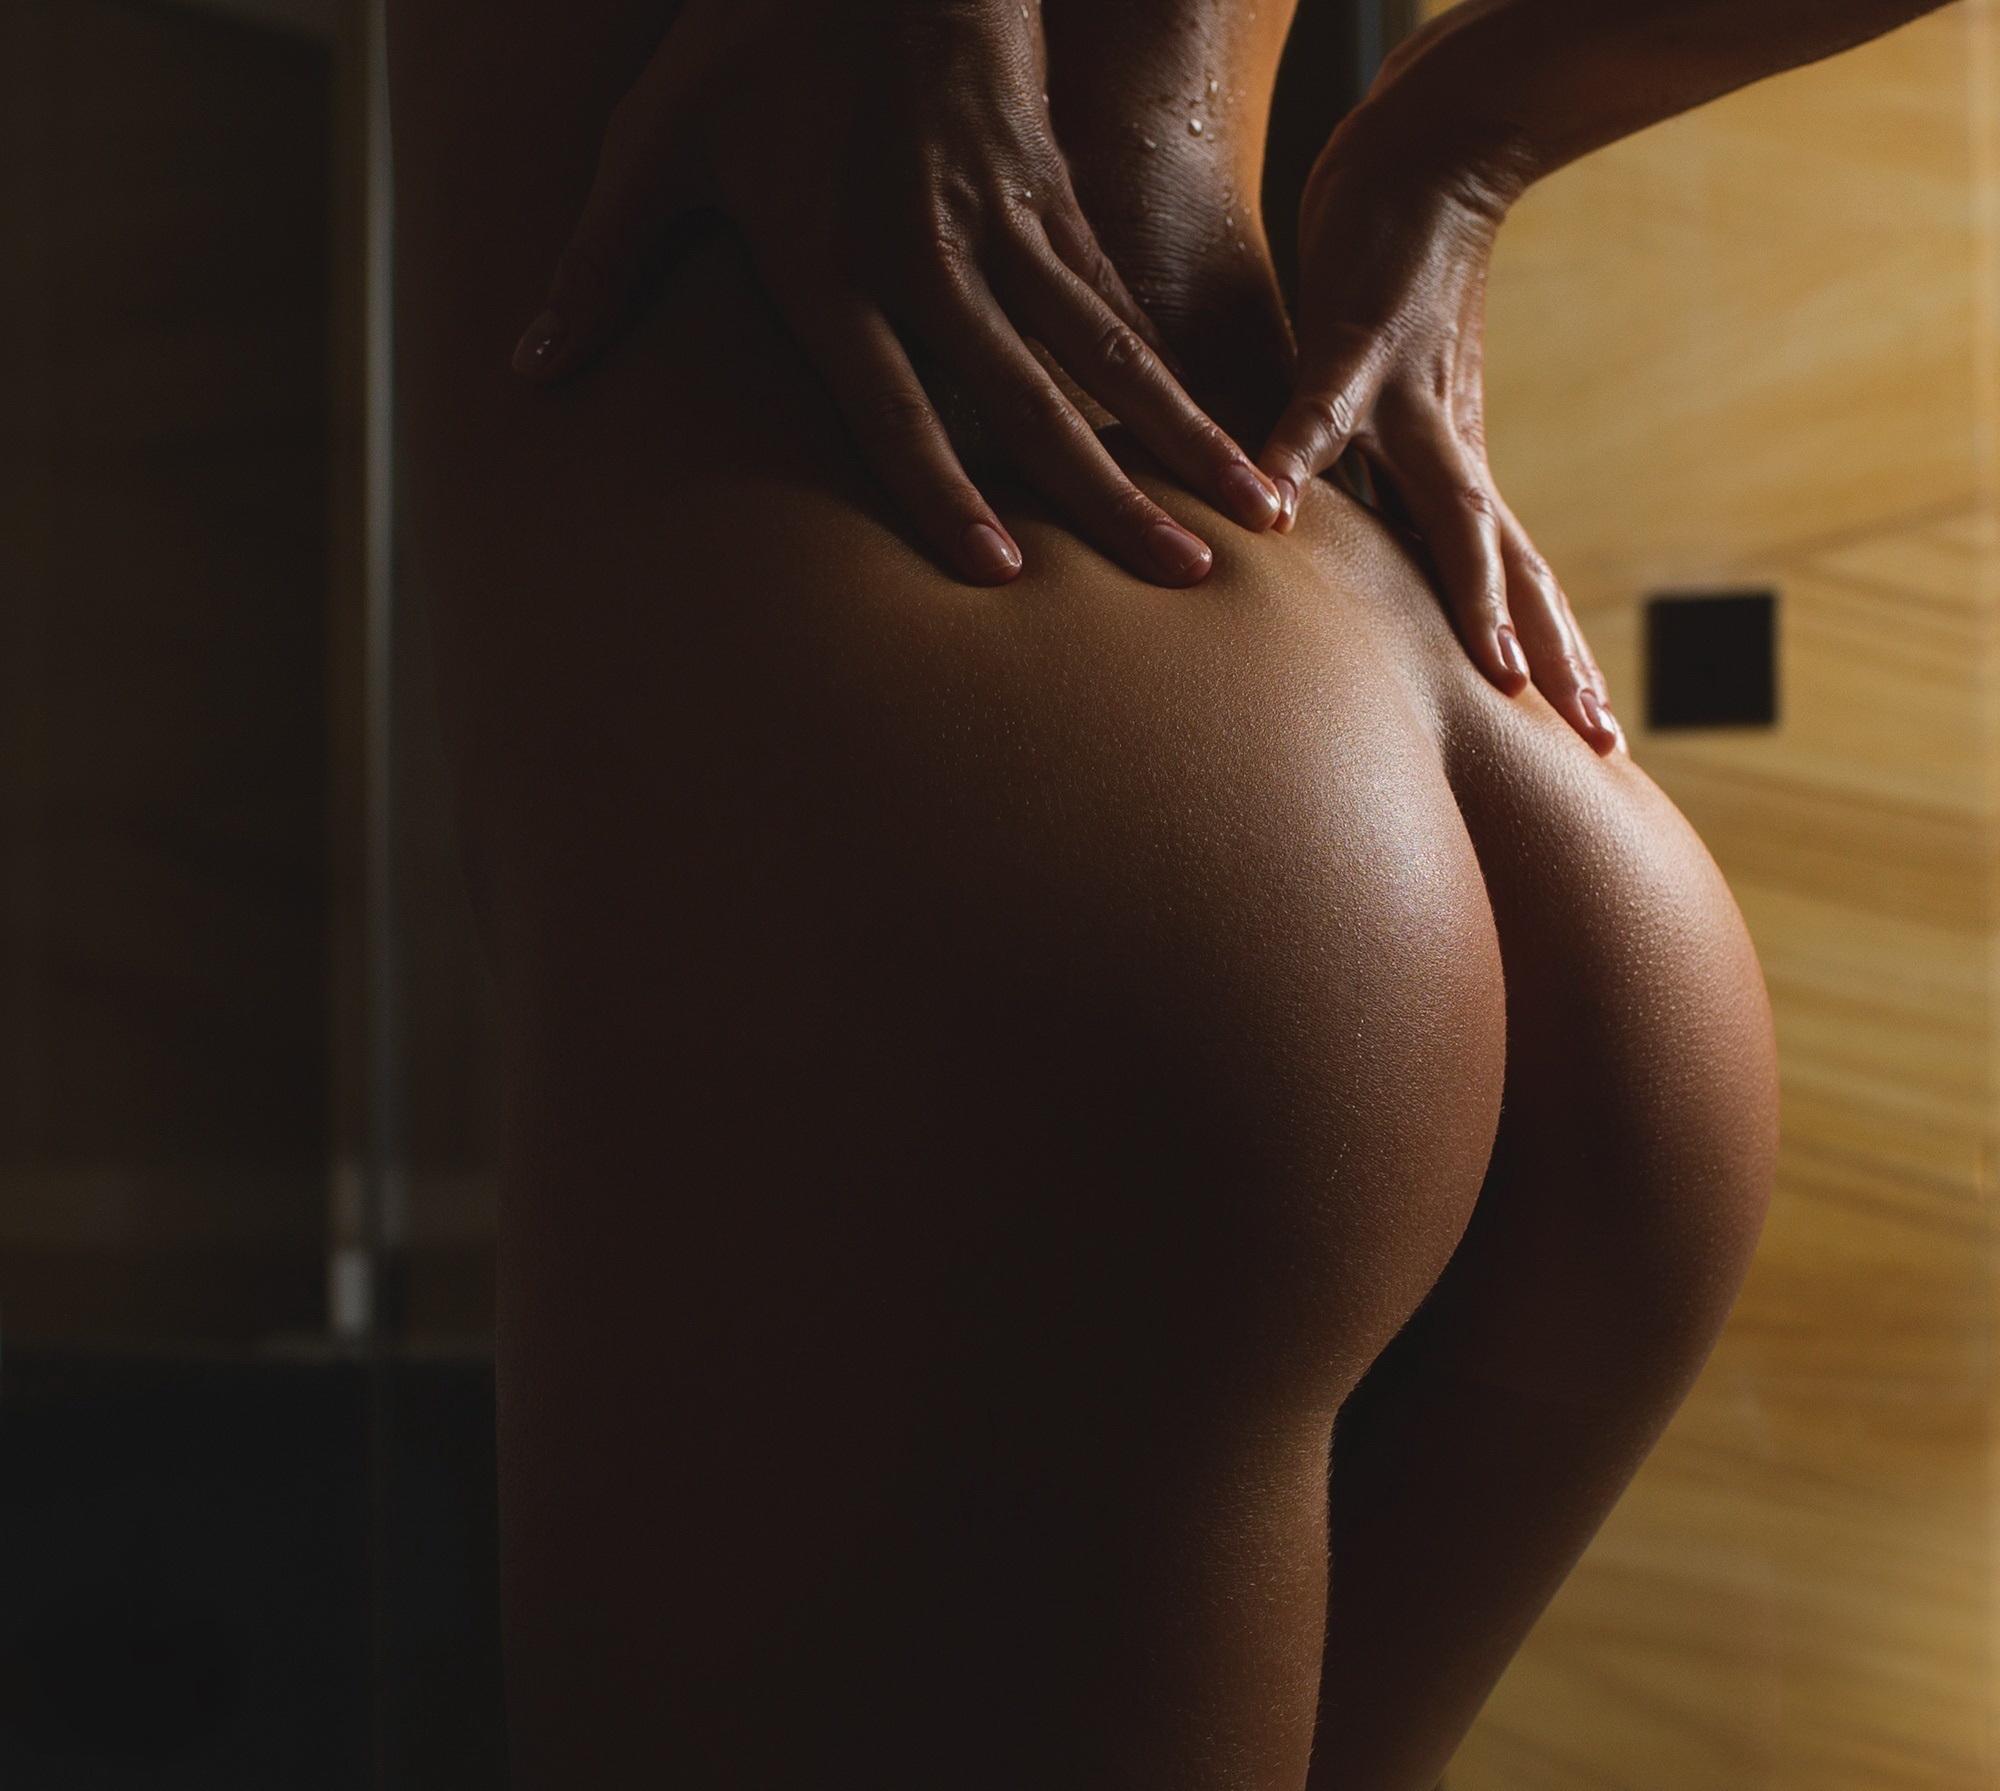 Картинки Фото Голых Девушек Красивых Сзади Попы